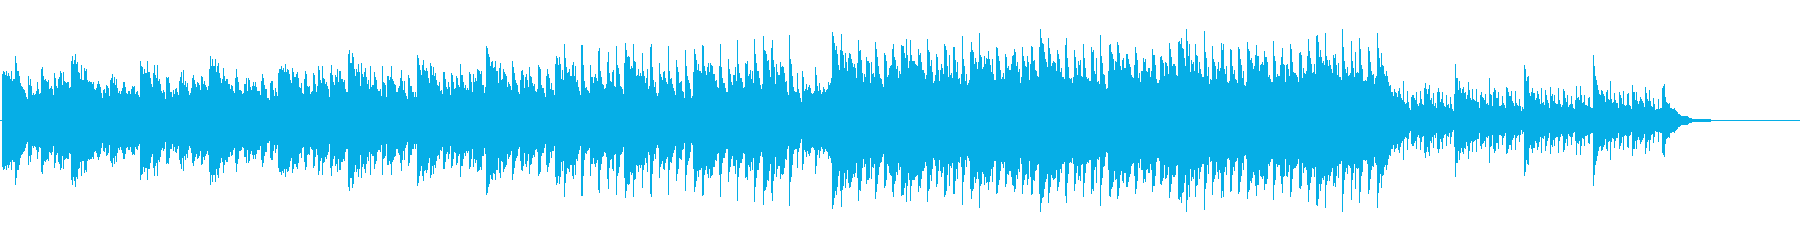 企業VP、CM17。ピアノエレクトロの再生済みの波形